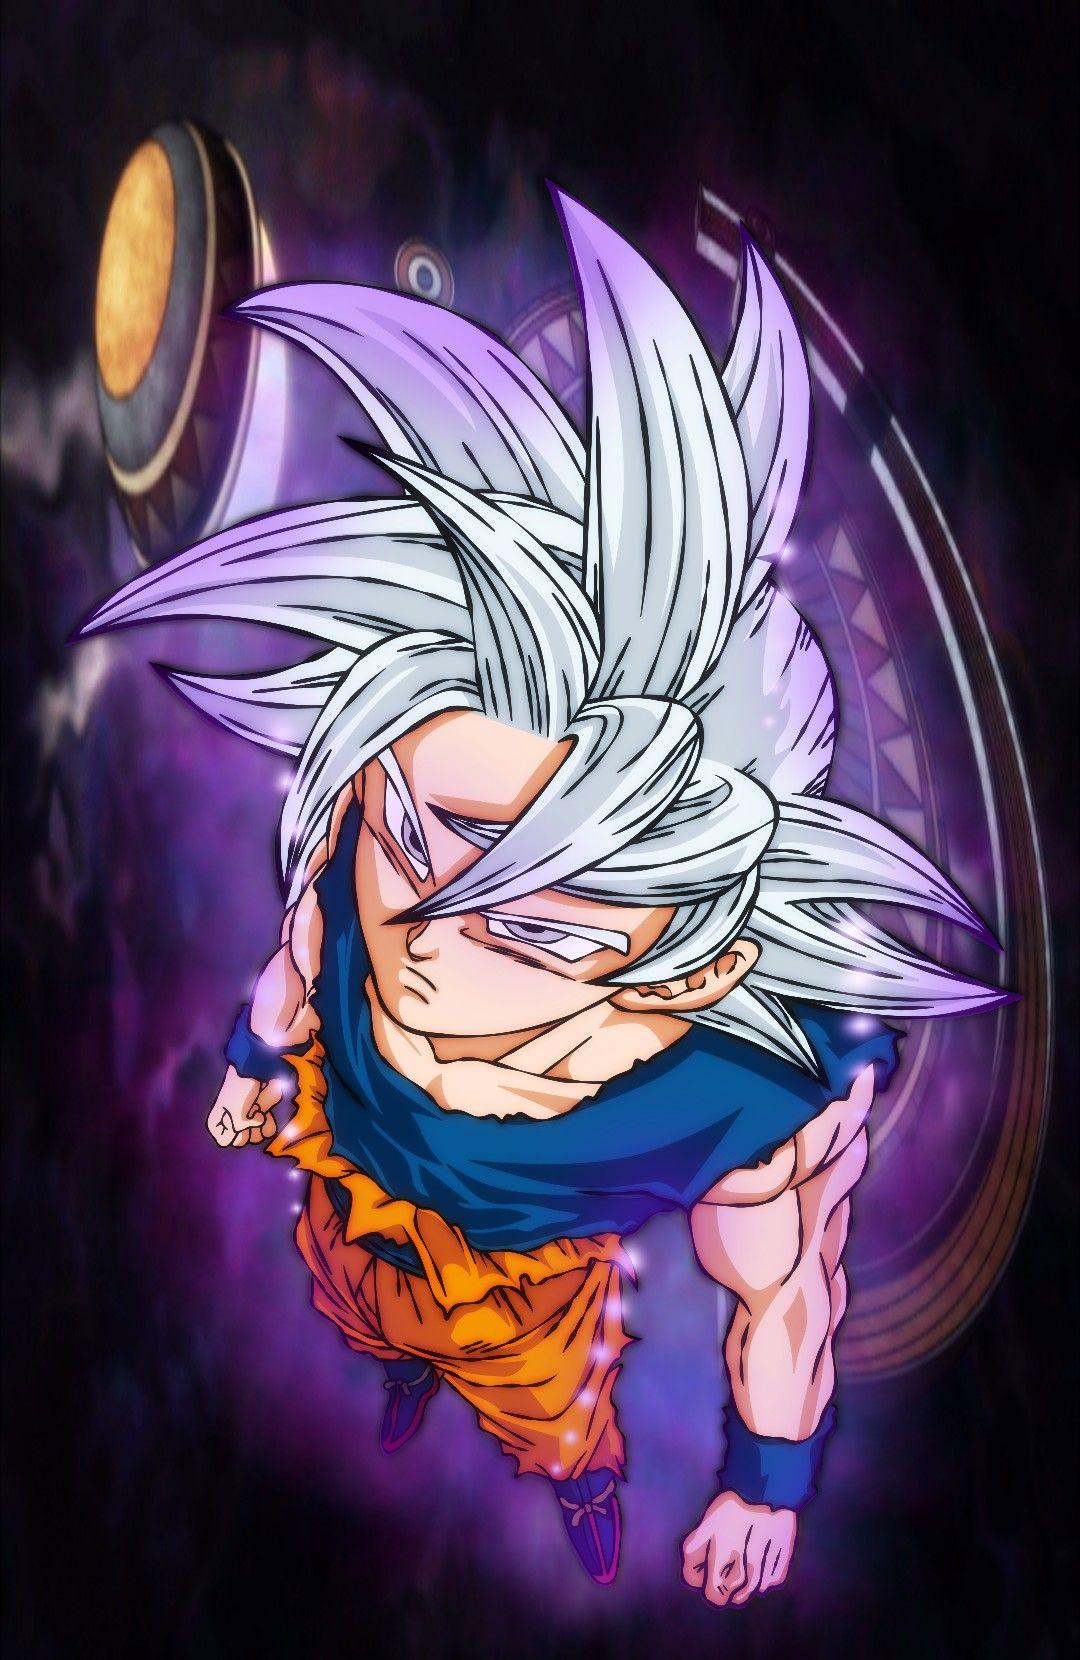 Goku Ultra Instinto Dragon Ball Super Artwork Anime Dragon Ball Super Dragon Ball Wallpaper Iphone